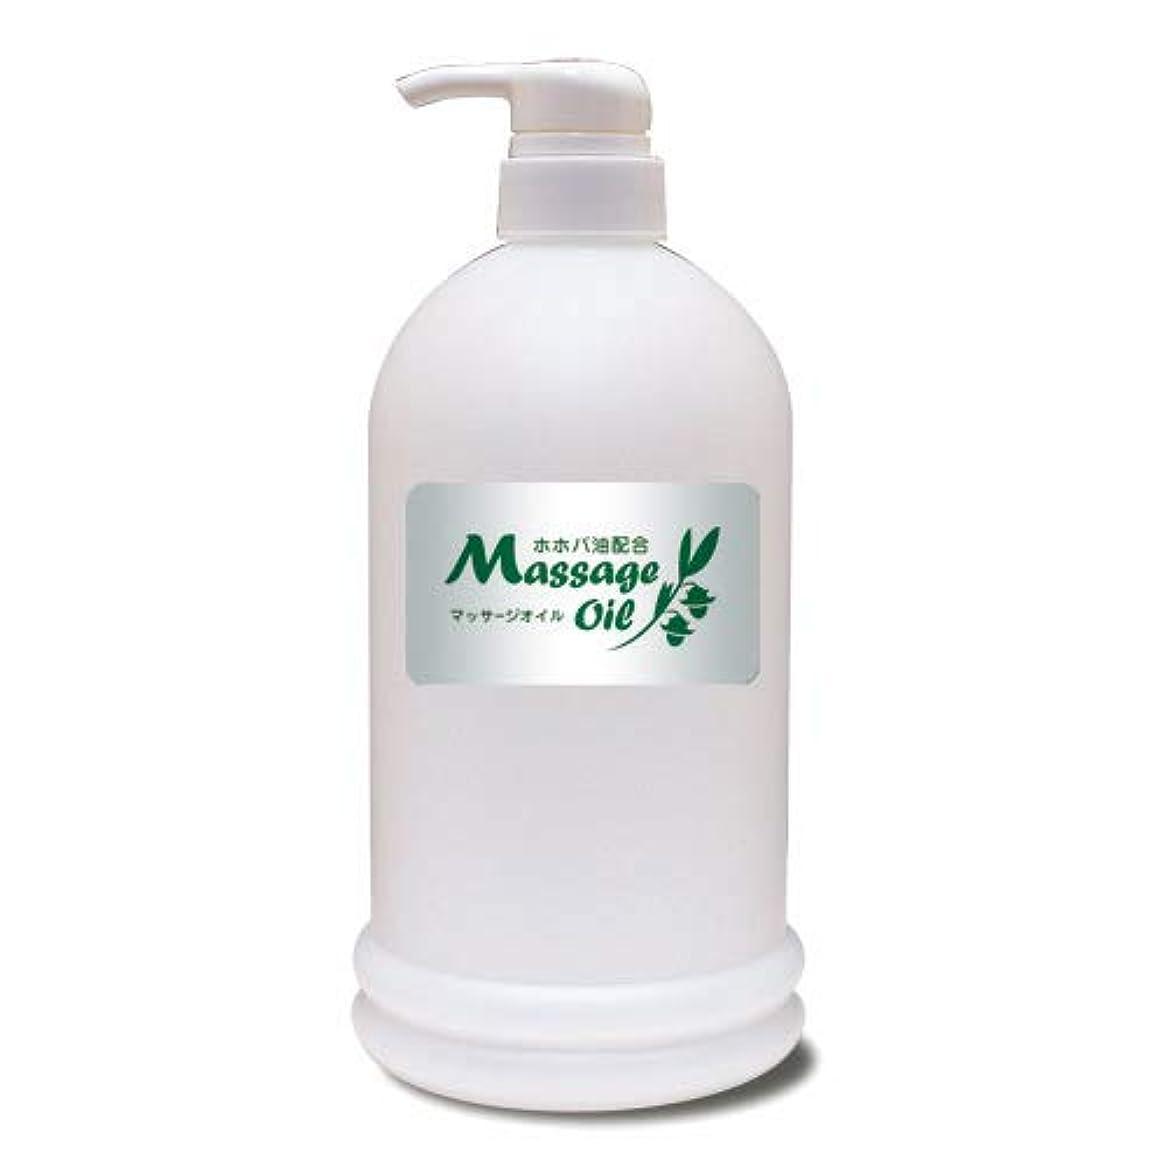 コーナー永遠に溶融ホホバ油配合マッサージオイル 1Lボトル│エステ店御用達のプロ仕様業務用マッサージオイル 大容量 ホホバオイル